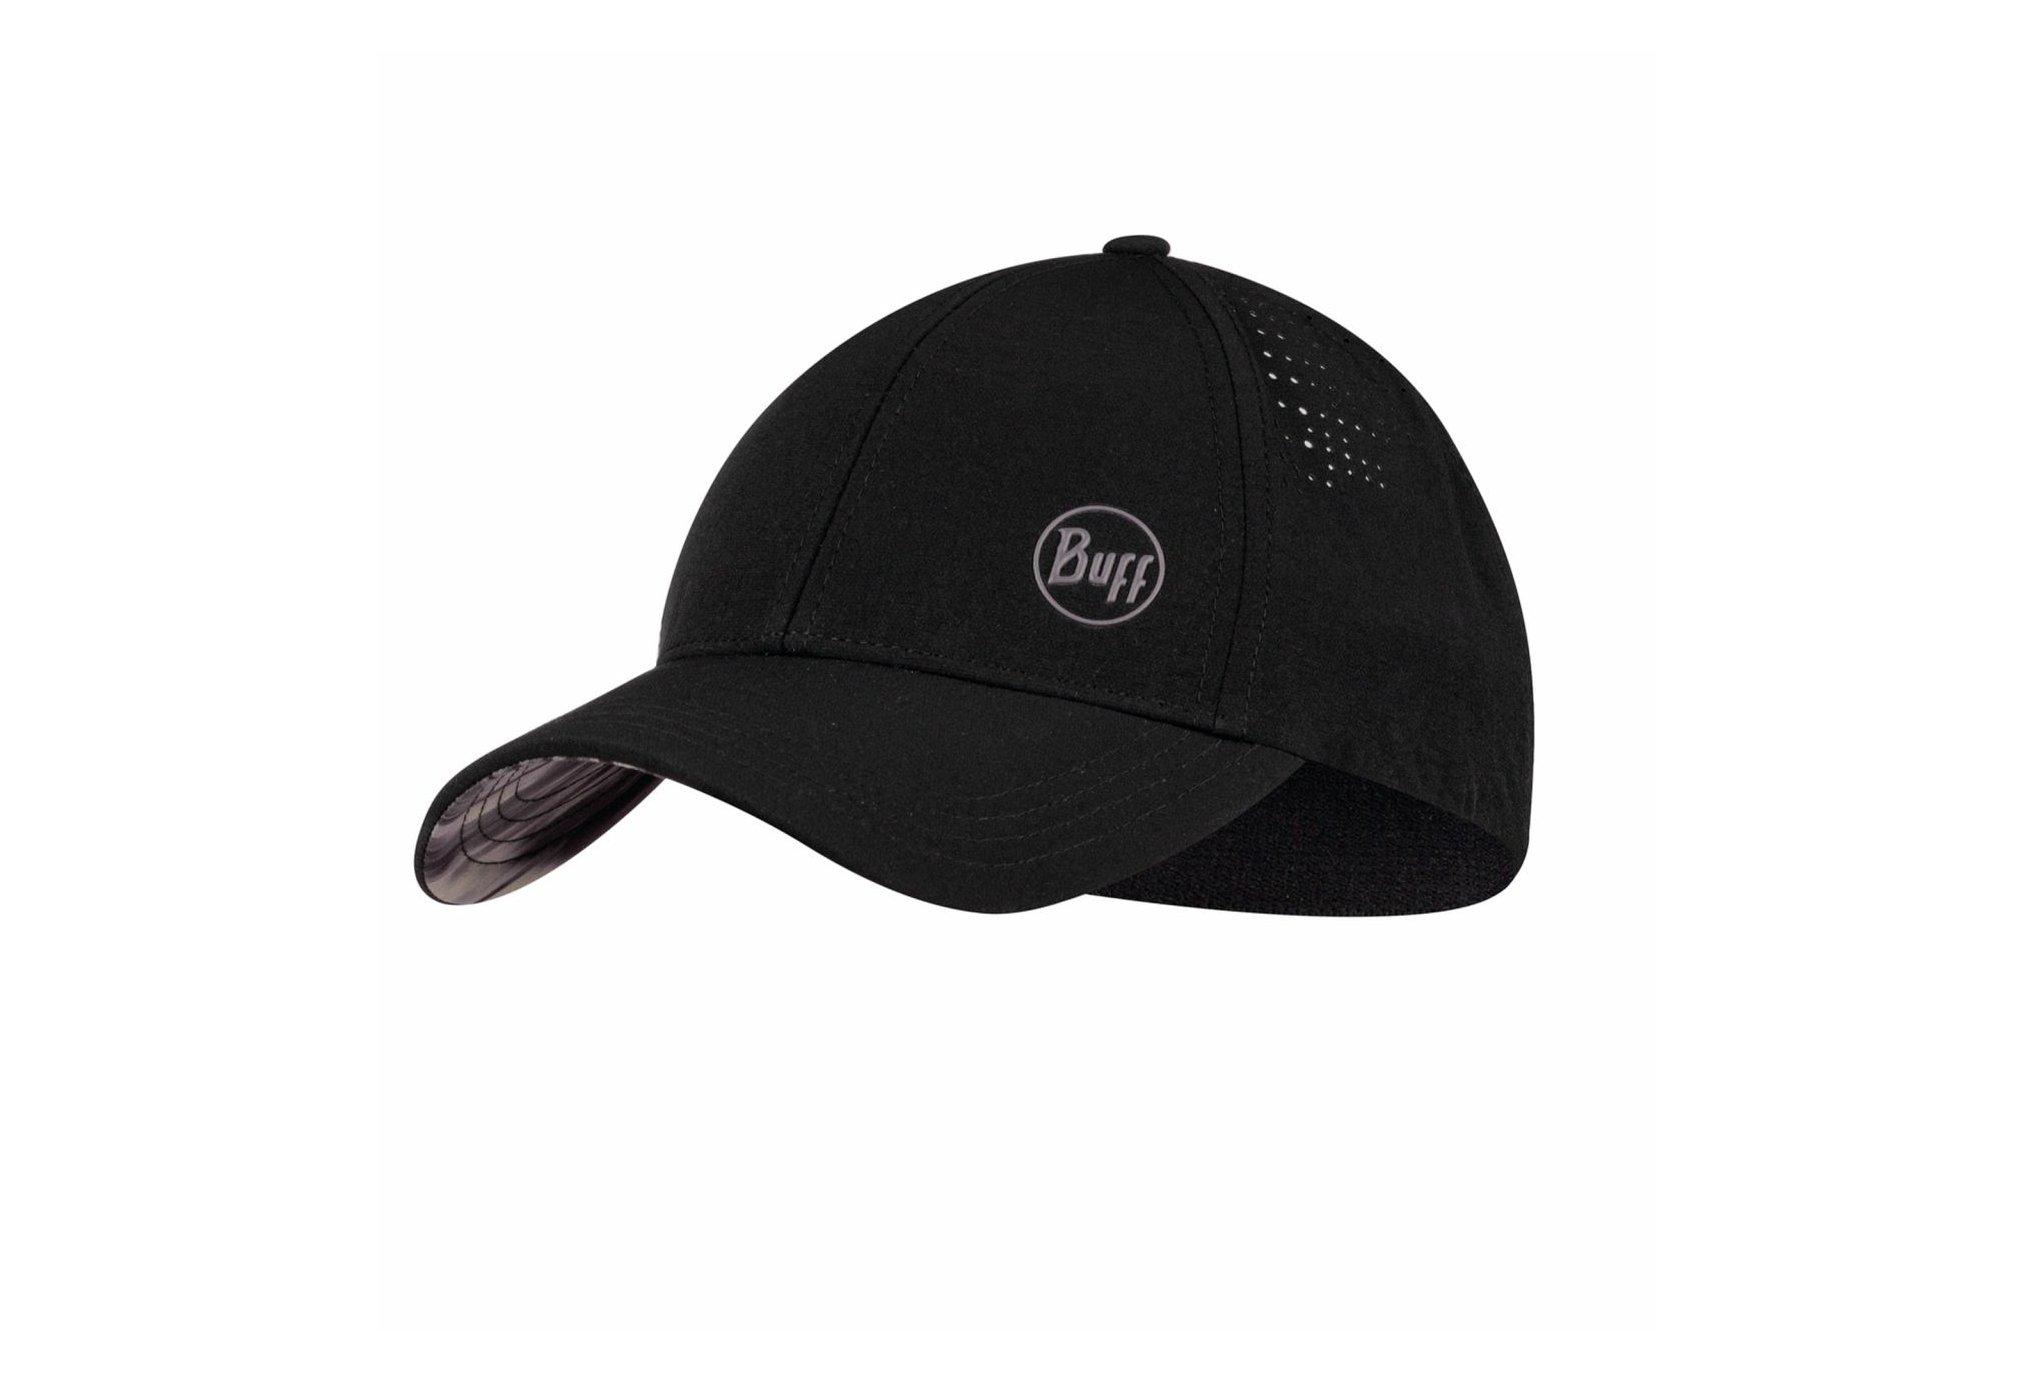 Buff Trek Cap Ikut Black Casquettes / bandeaux